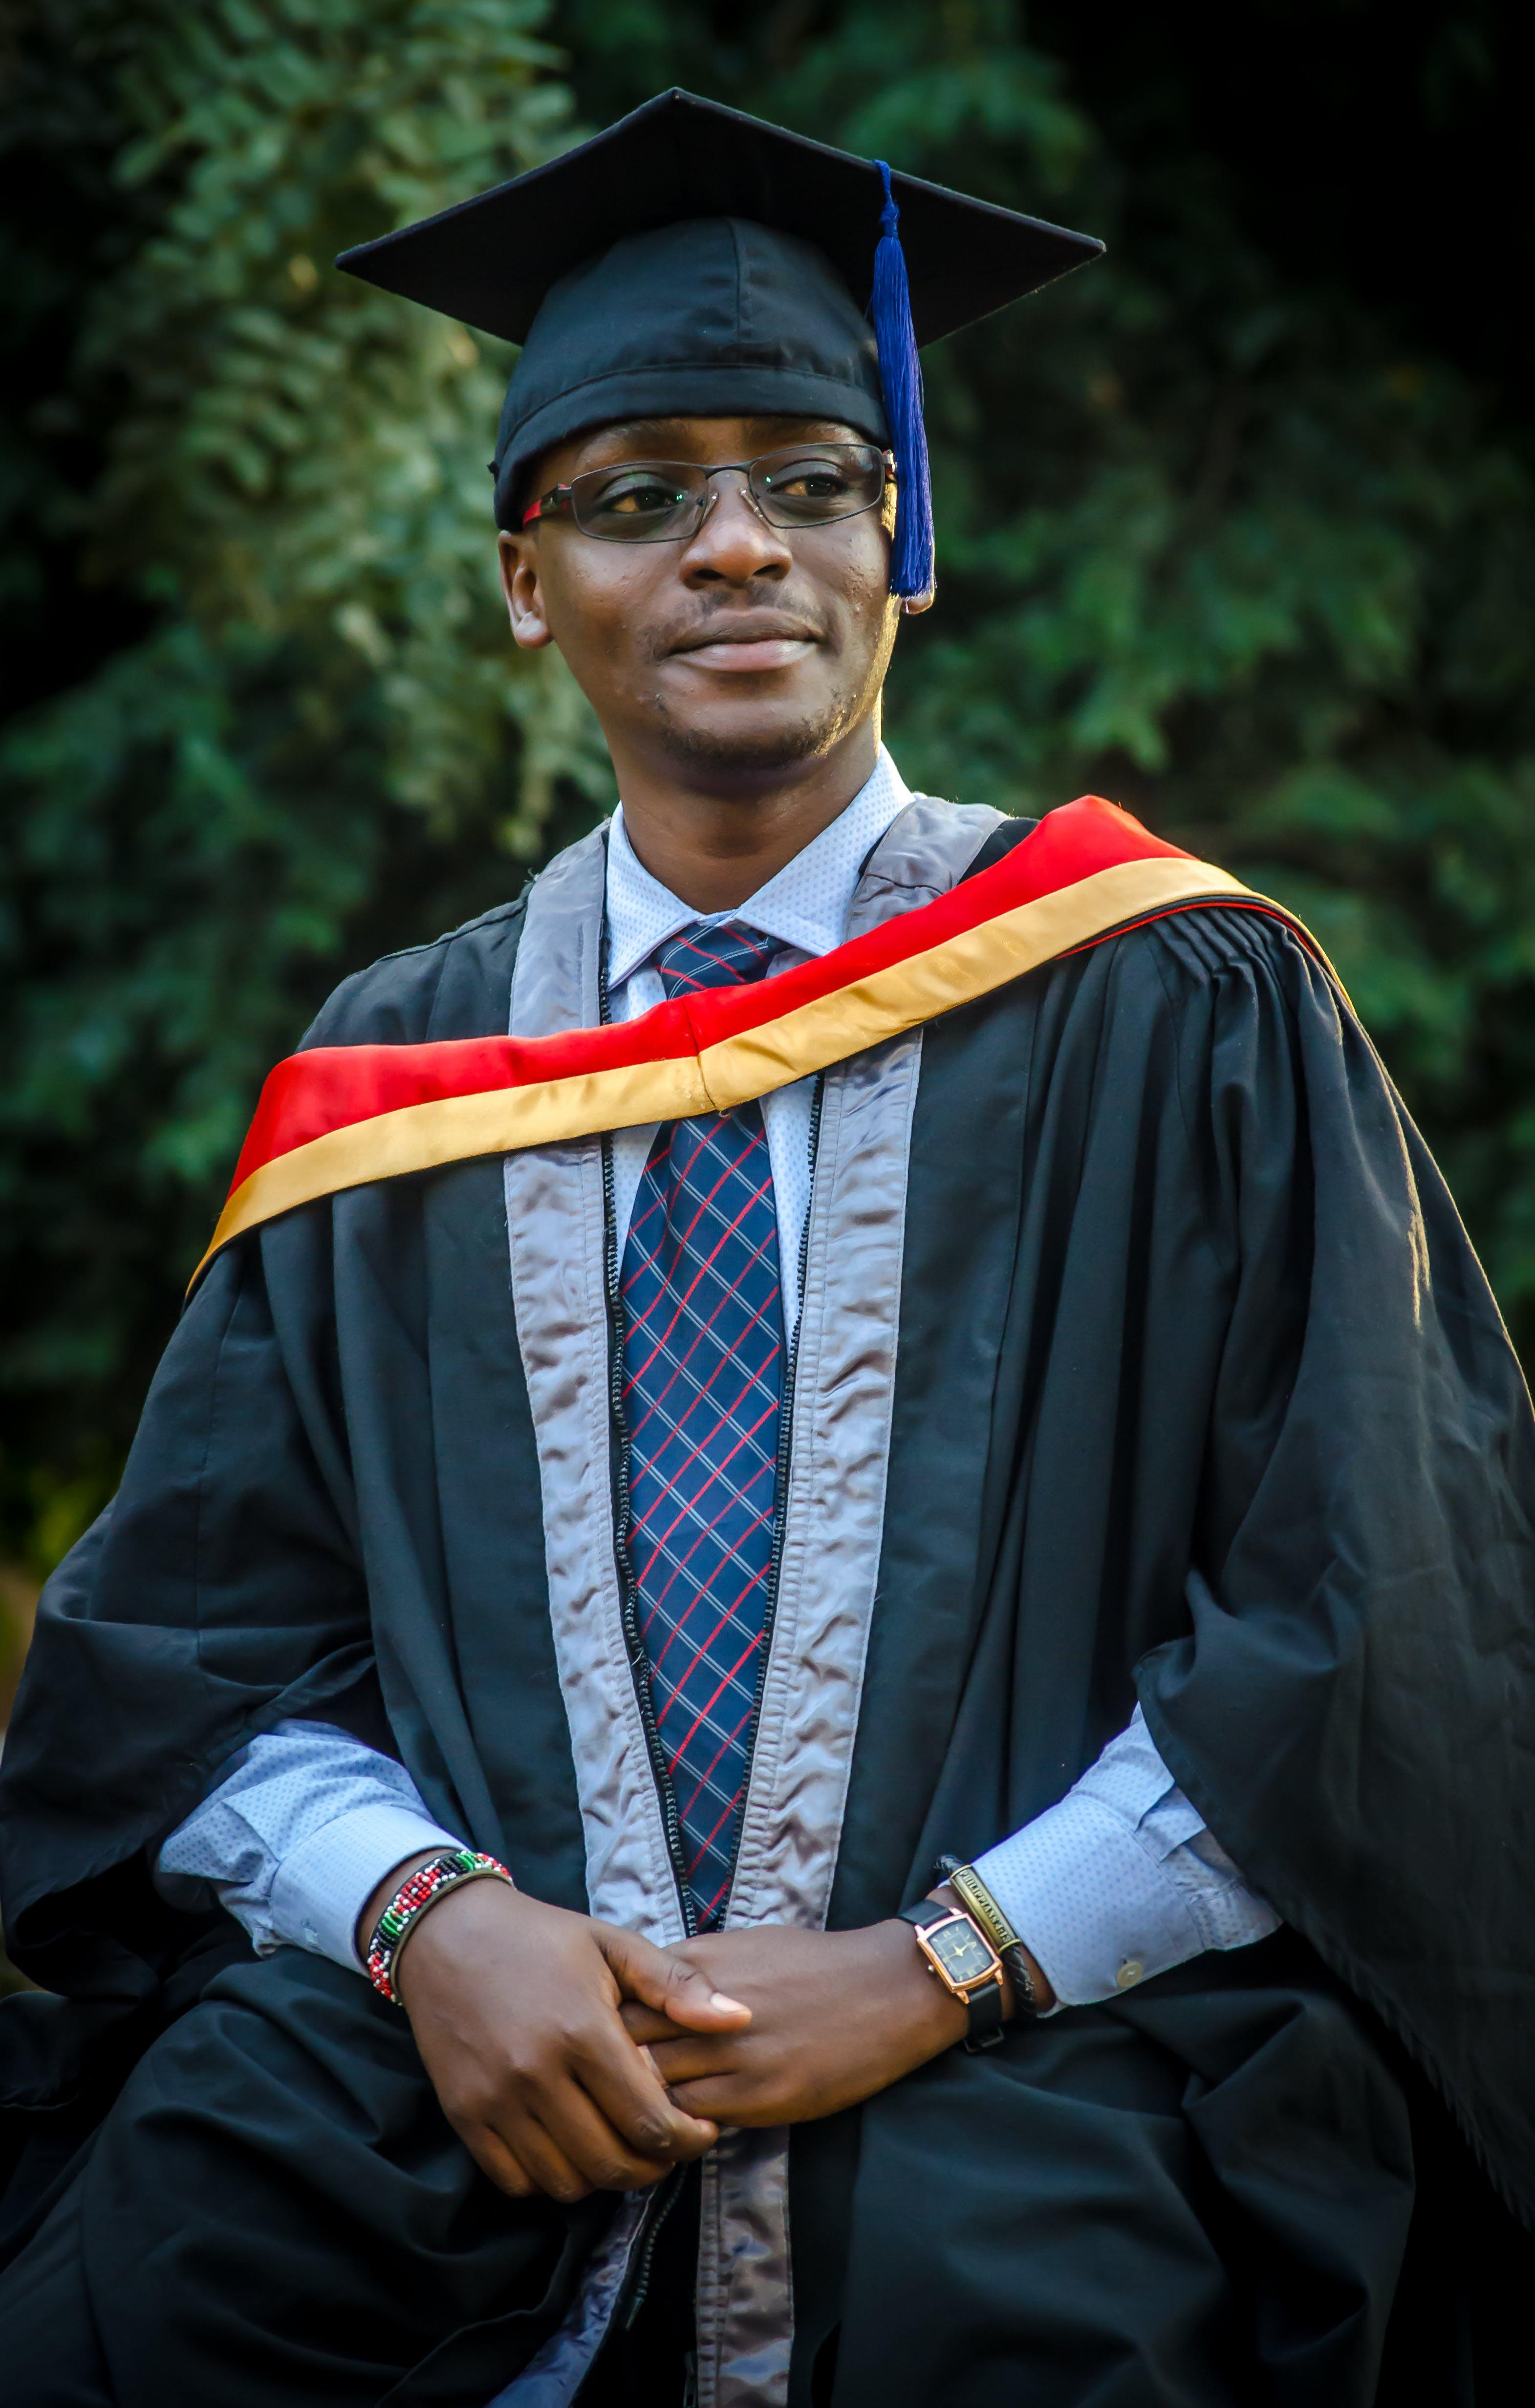 Kostenloses Stock Foto zu absolvent, afroamerikanischer mann, ausbildung, brille